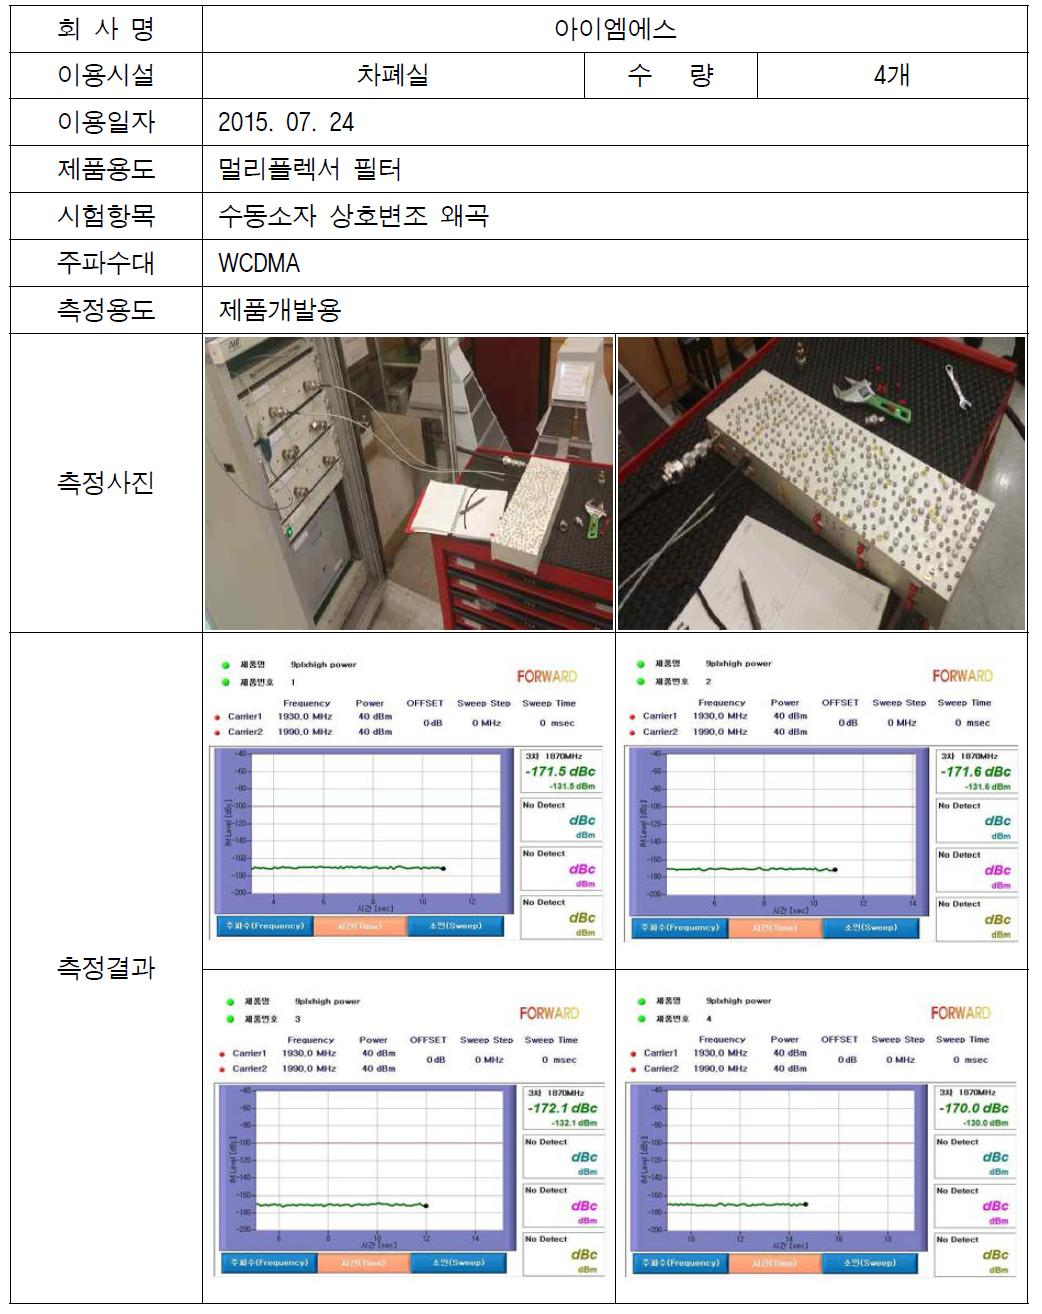 멀티플렉서 필터 수동소자 상호 변조 왜곡(PIMD)측정 결과